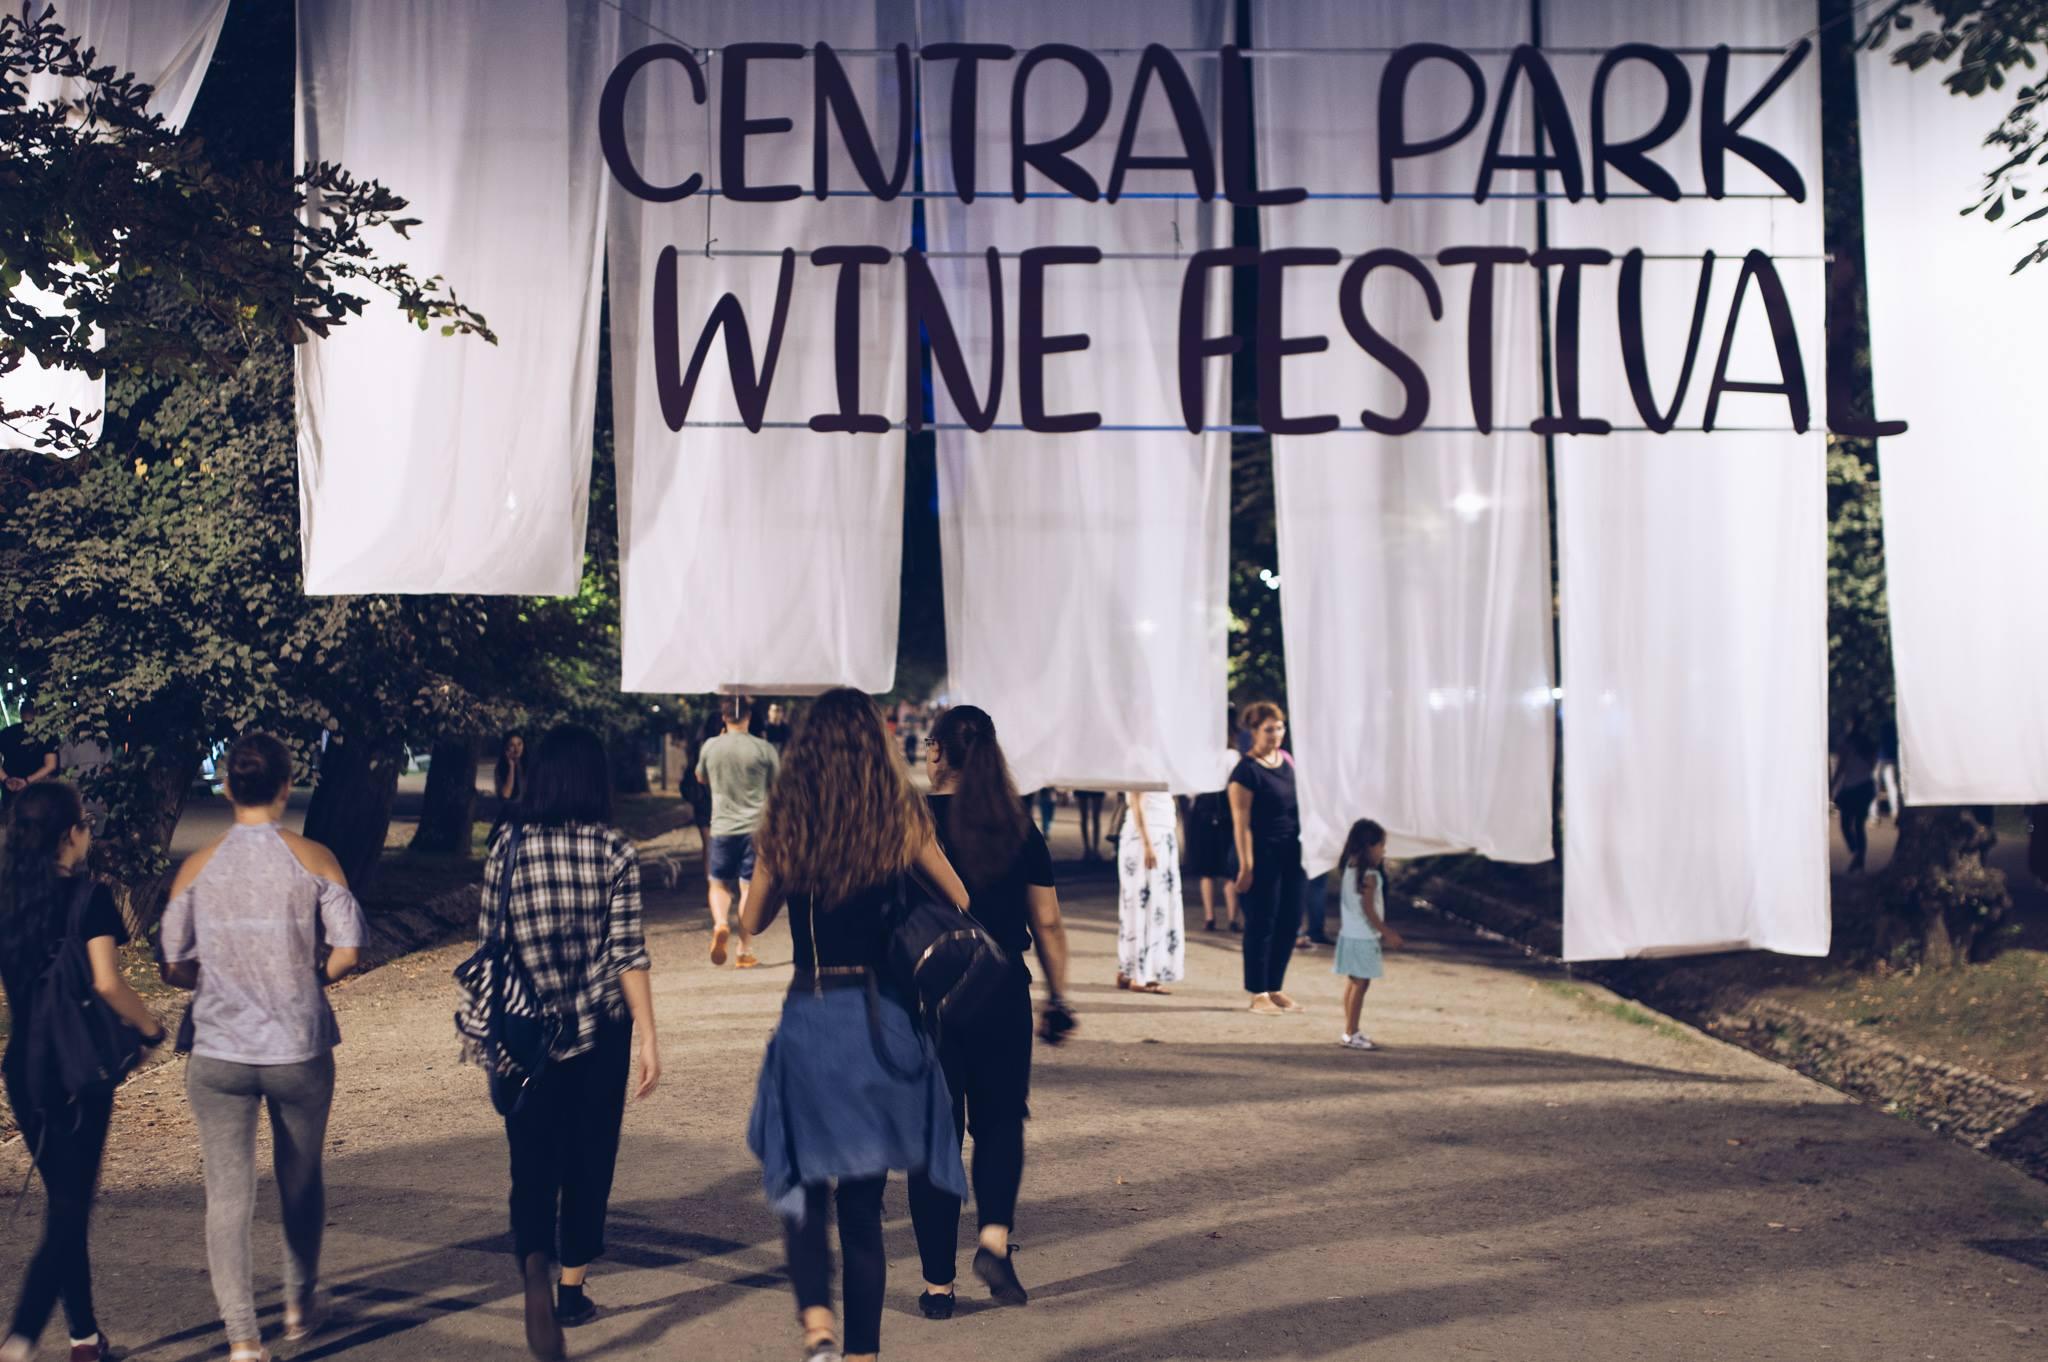 Central Park Wine Festival își deschide porțile